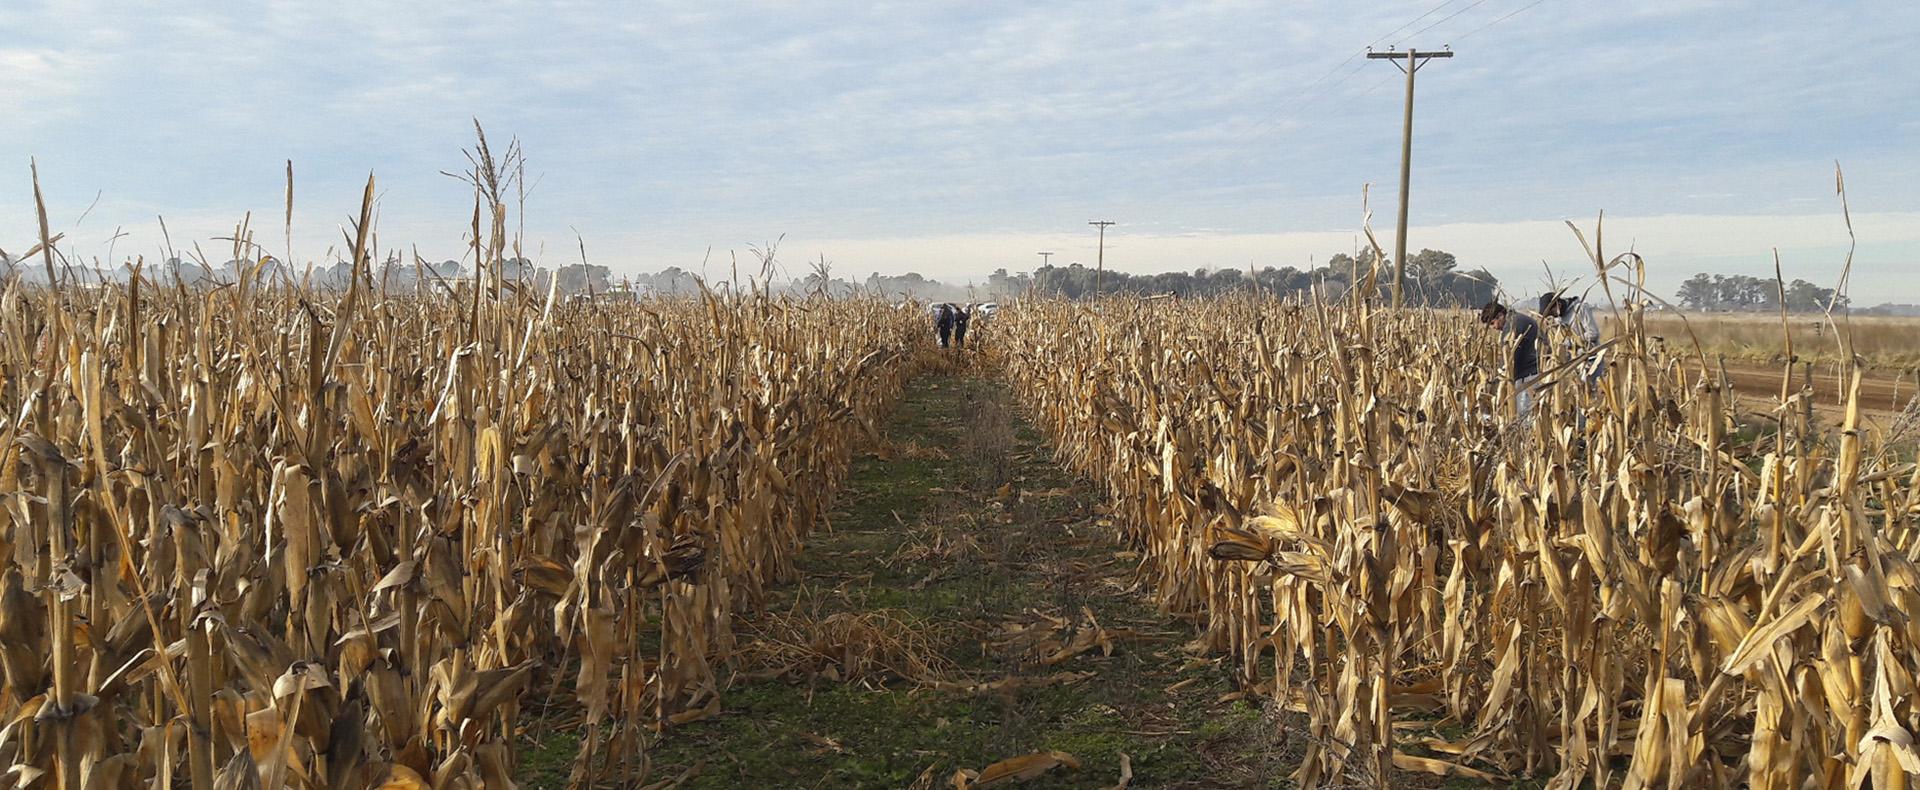 Producción Solidaria <ul><li>Donando maíz, naranja o papa para cosechar en nuestros programas.</li></ul>